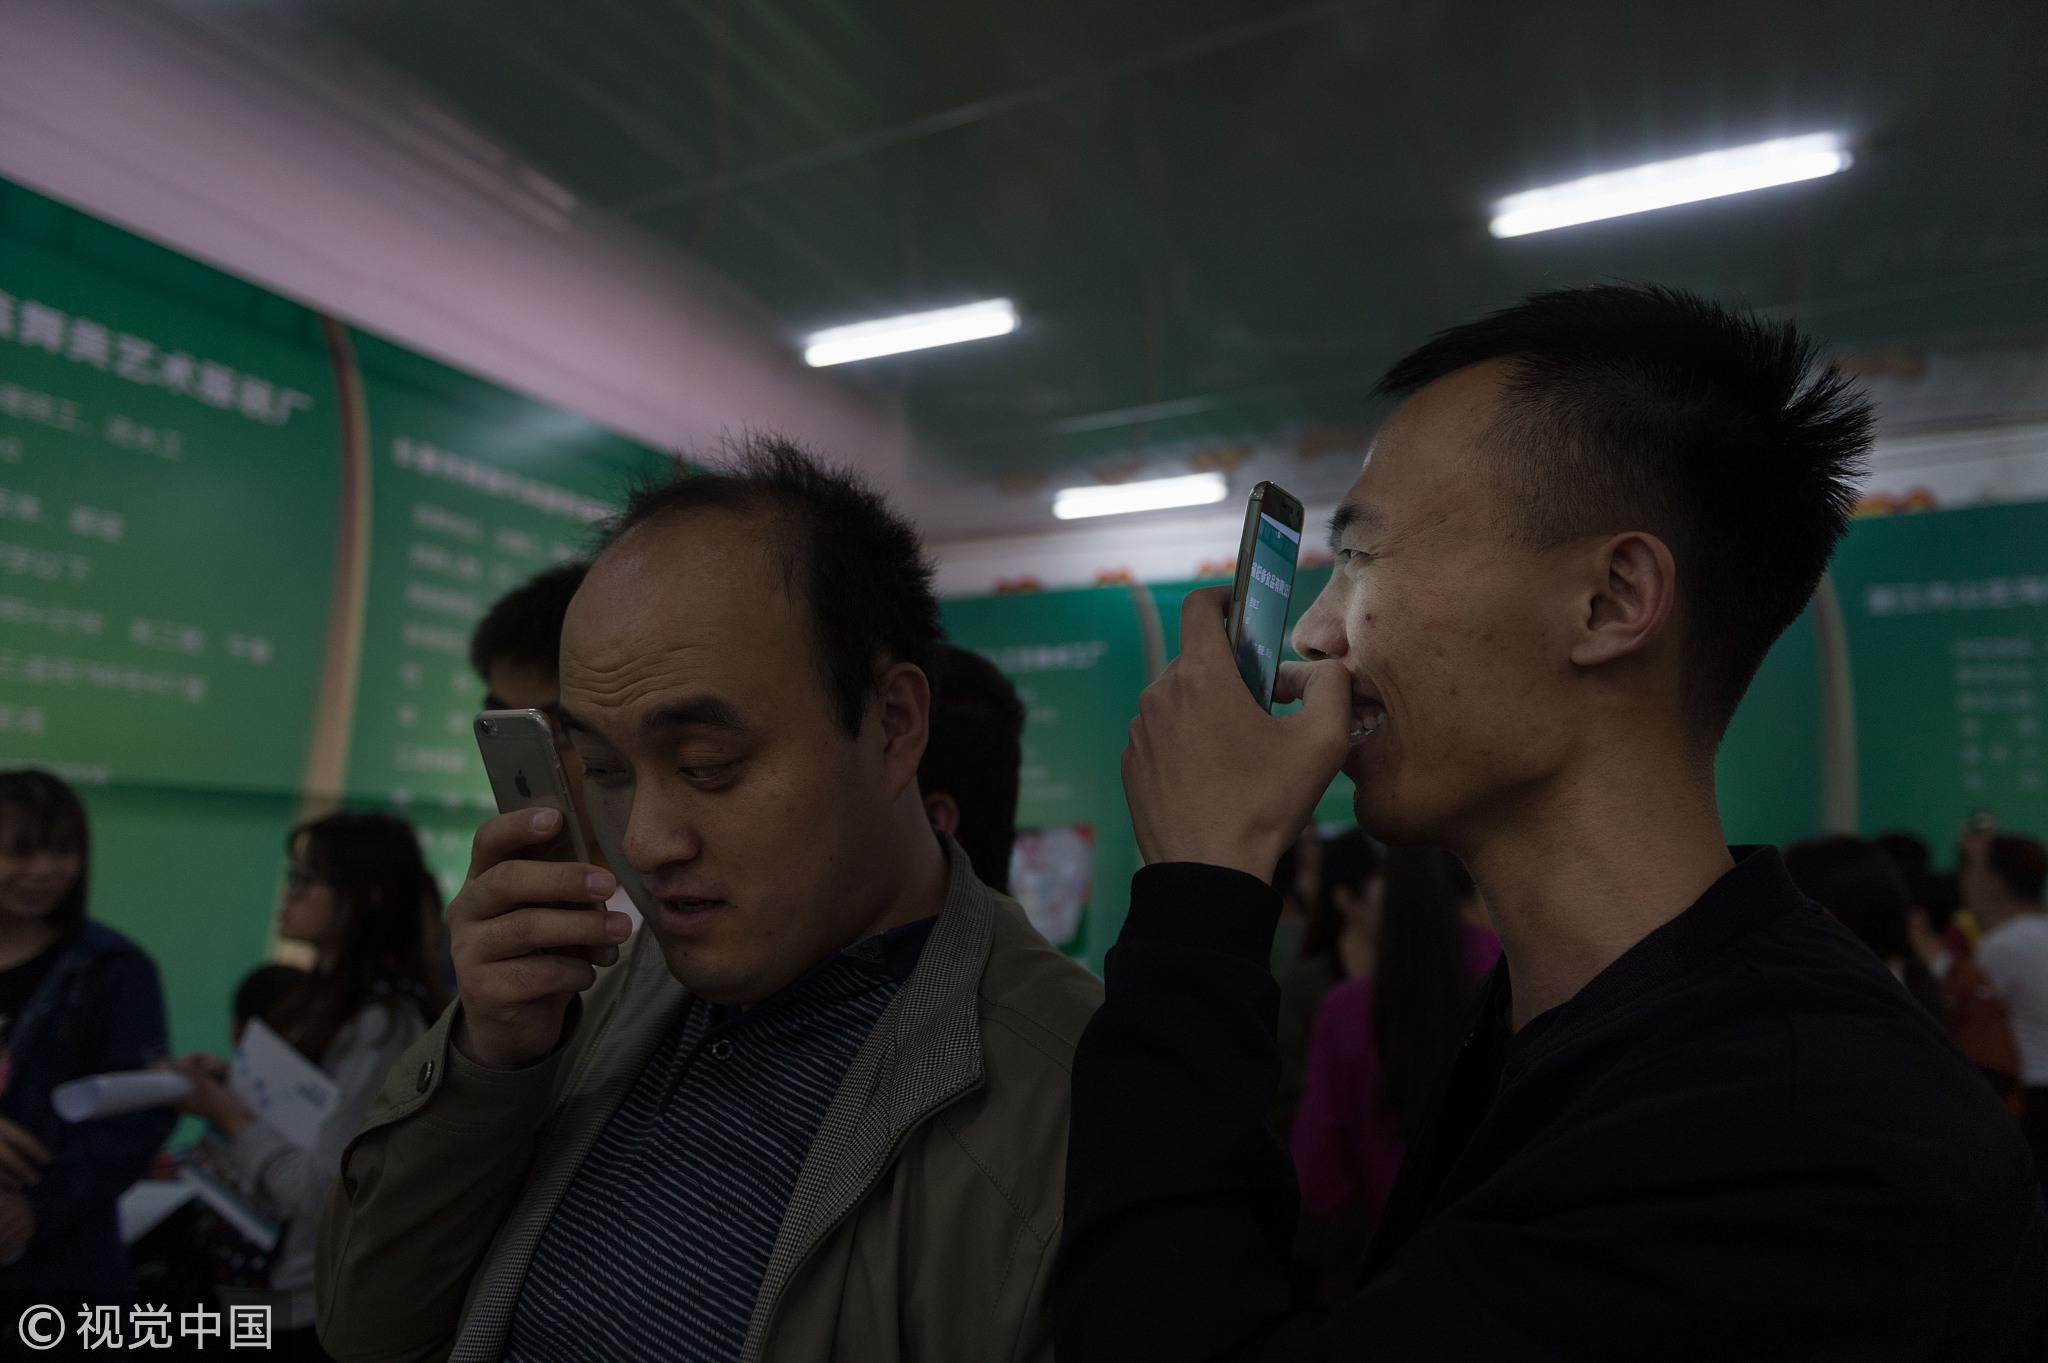 2016年5月26日,长春,专场招聘会上,盲生正在借助手机寻觅合适的工作。/视觉中国